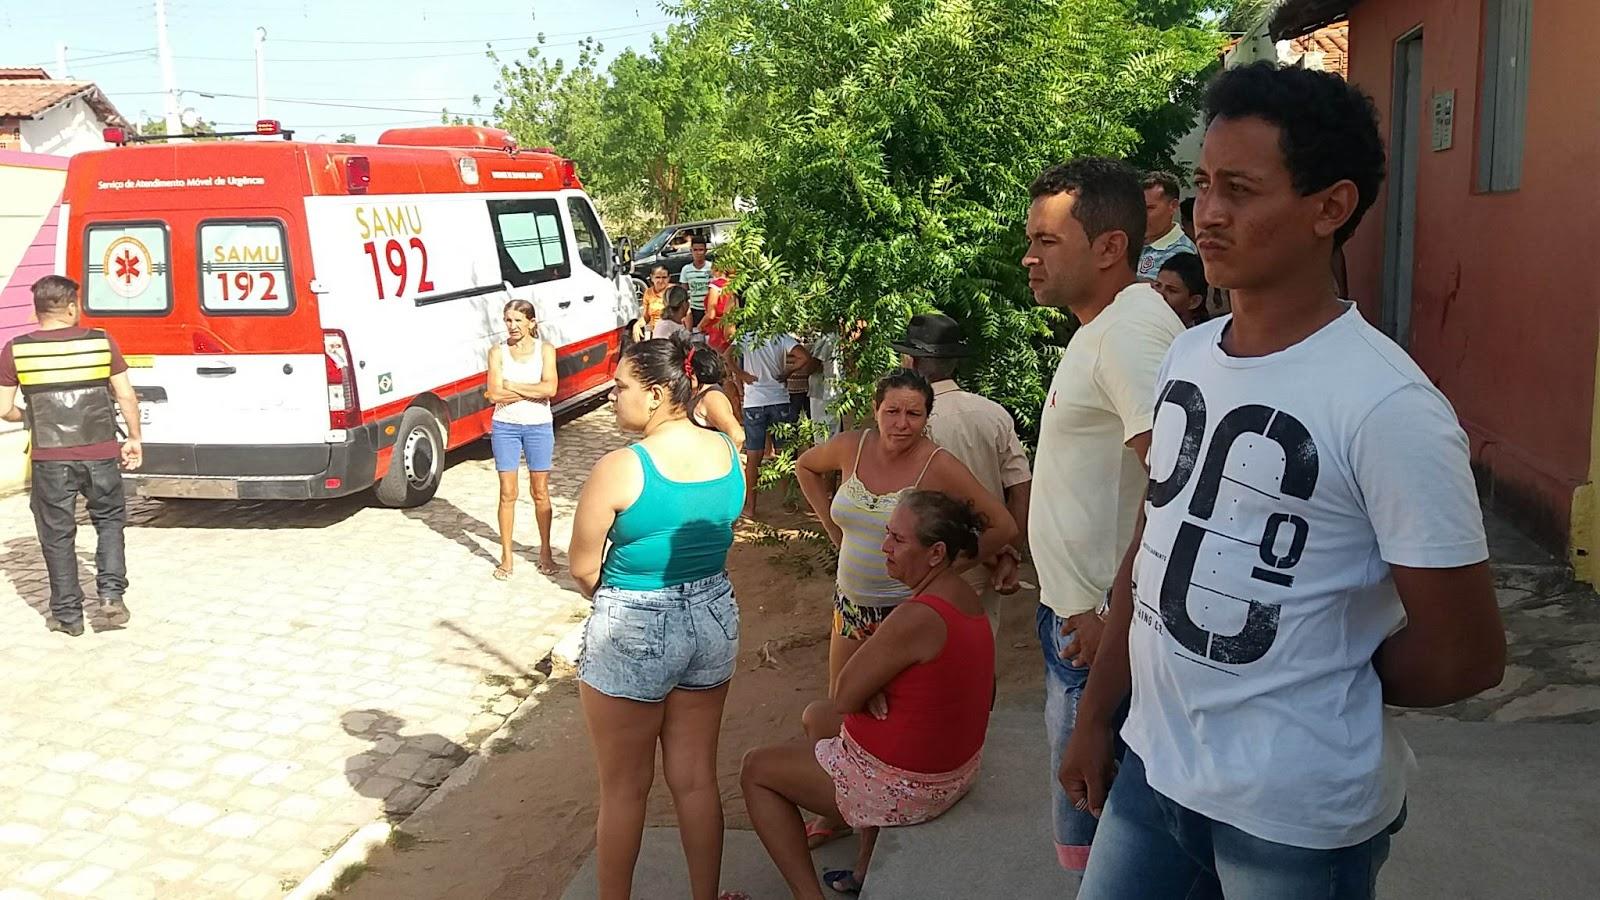 A vítima foi identificada como Antônio Pereira da Silva, 49 anos.